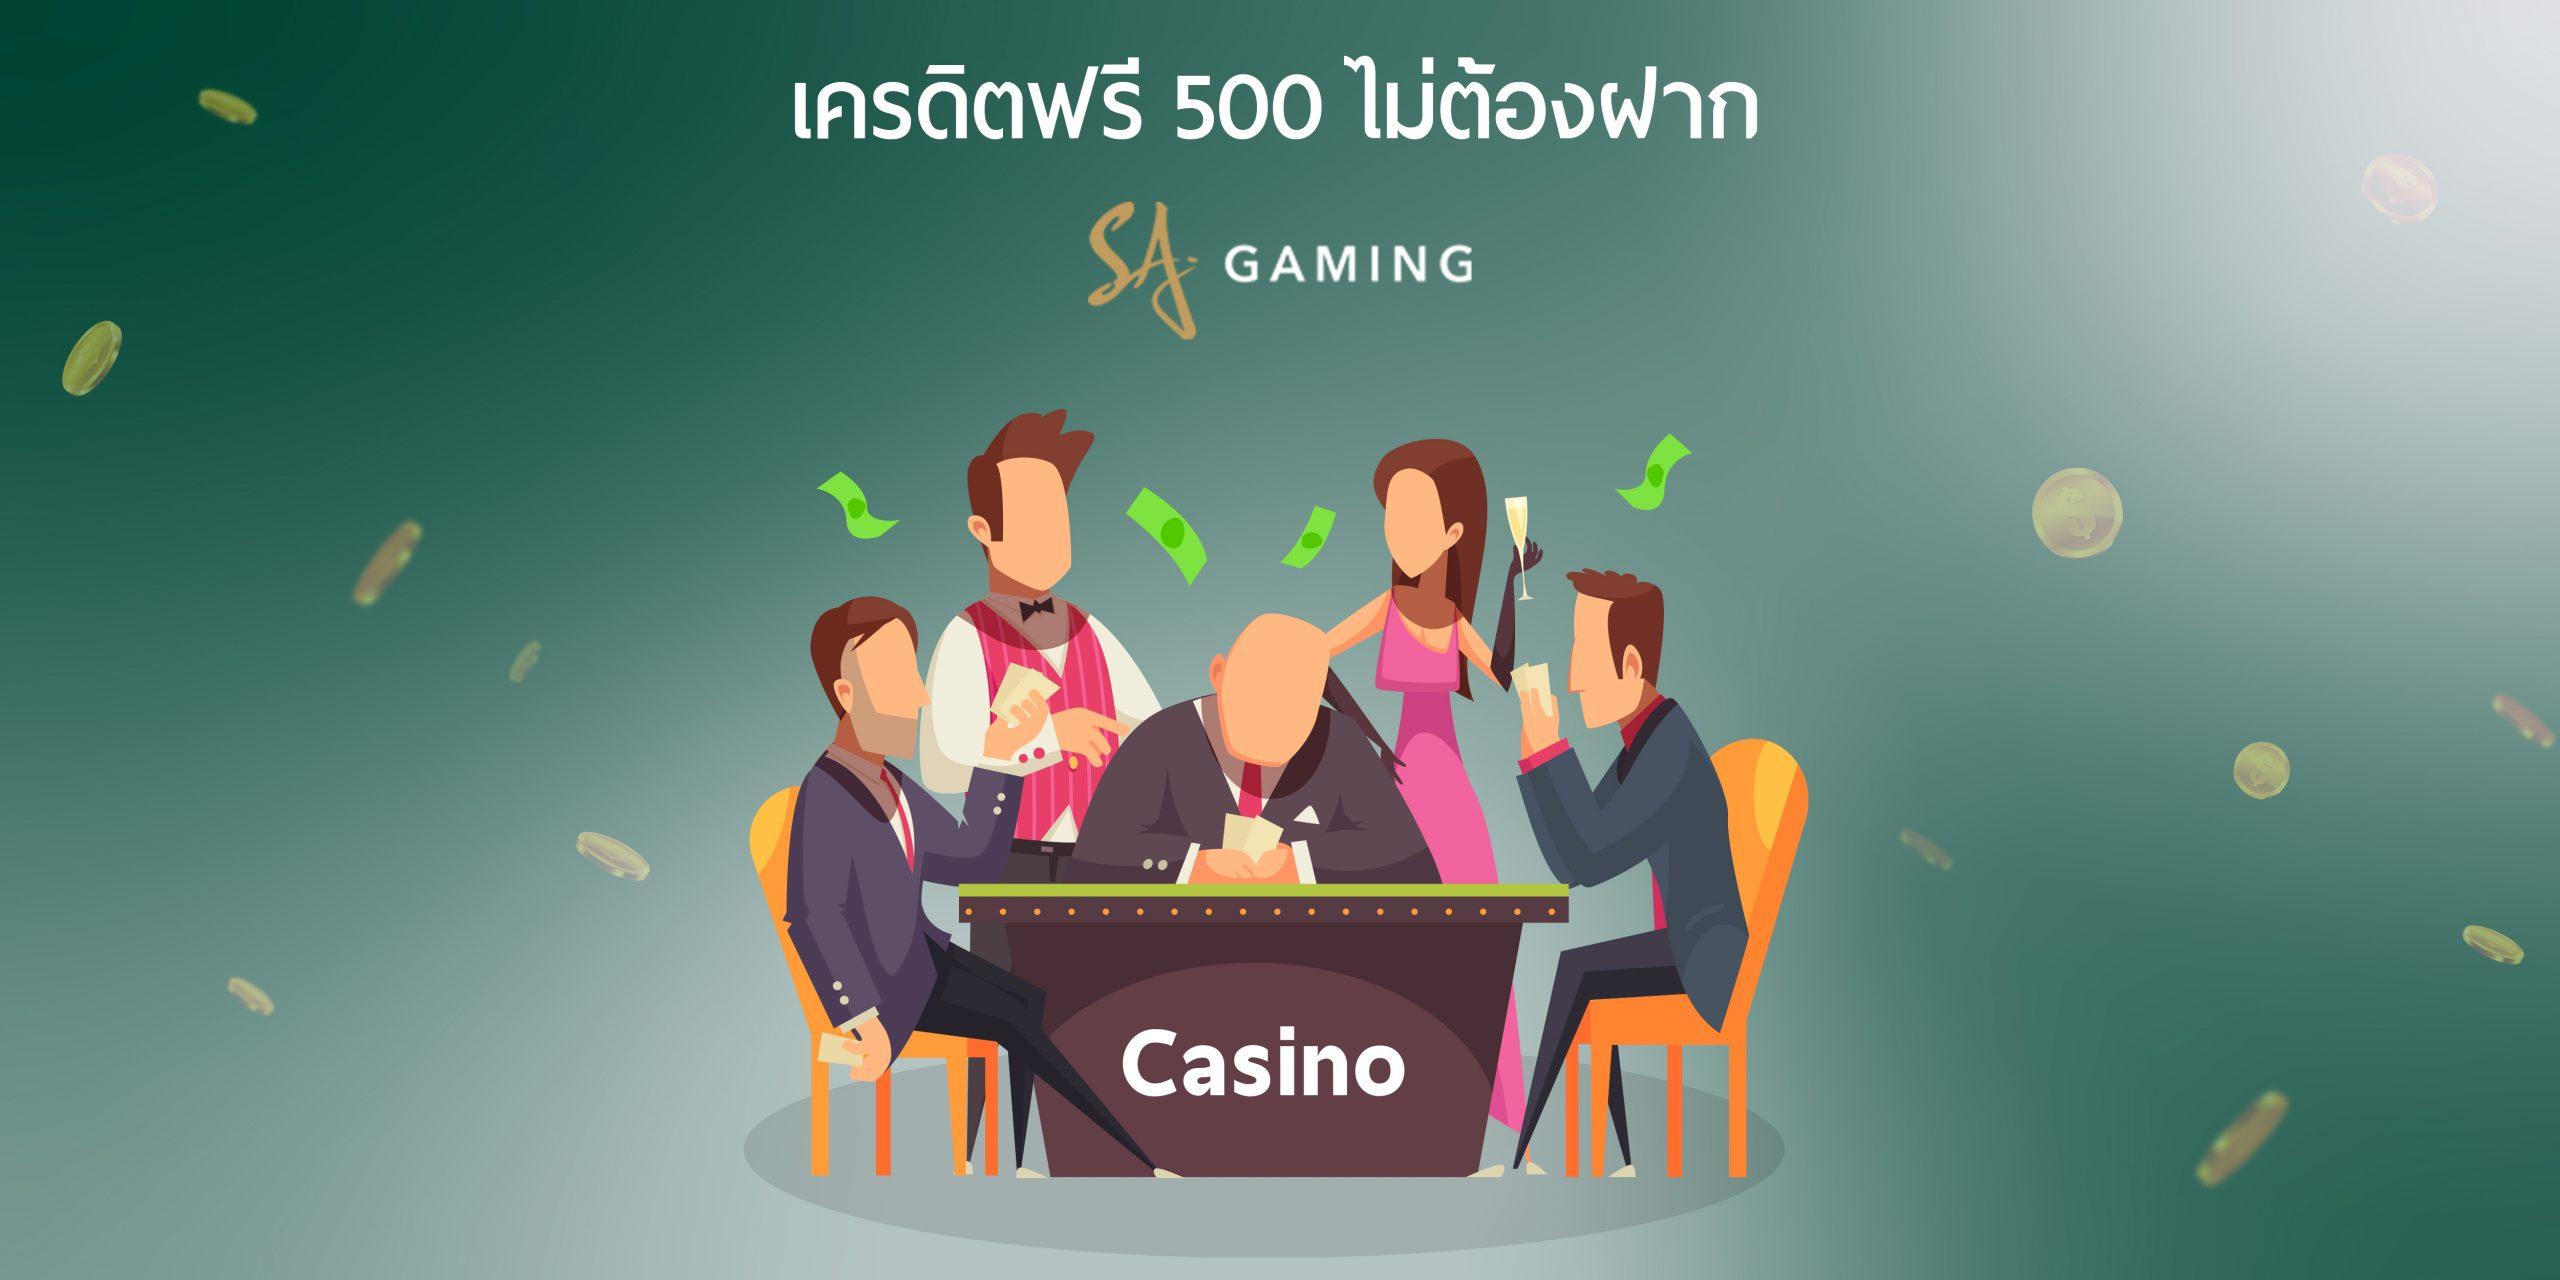 เครดิตฟรี 500 ไม่ต้องฝาก SA gaming เล่นคาสิโนออนไลน์ฟรี1 min read